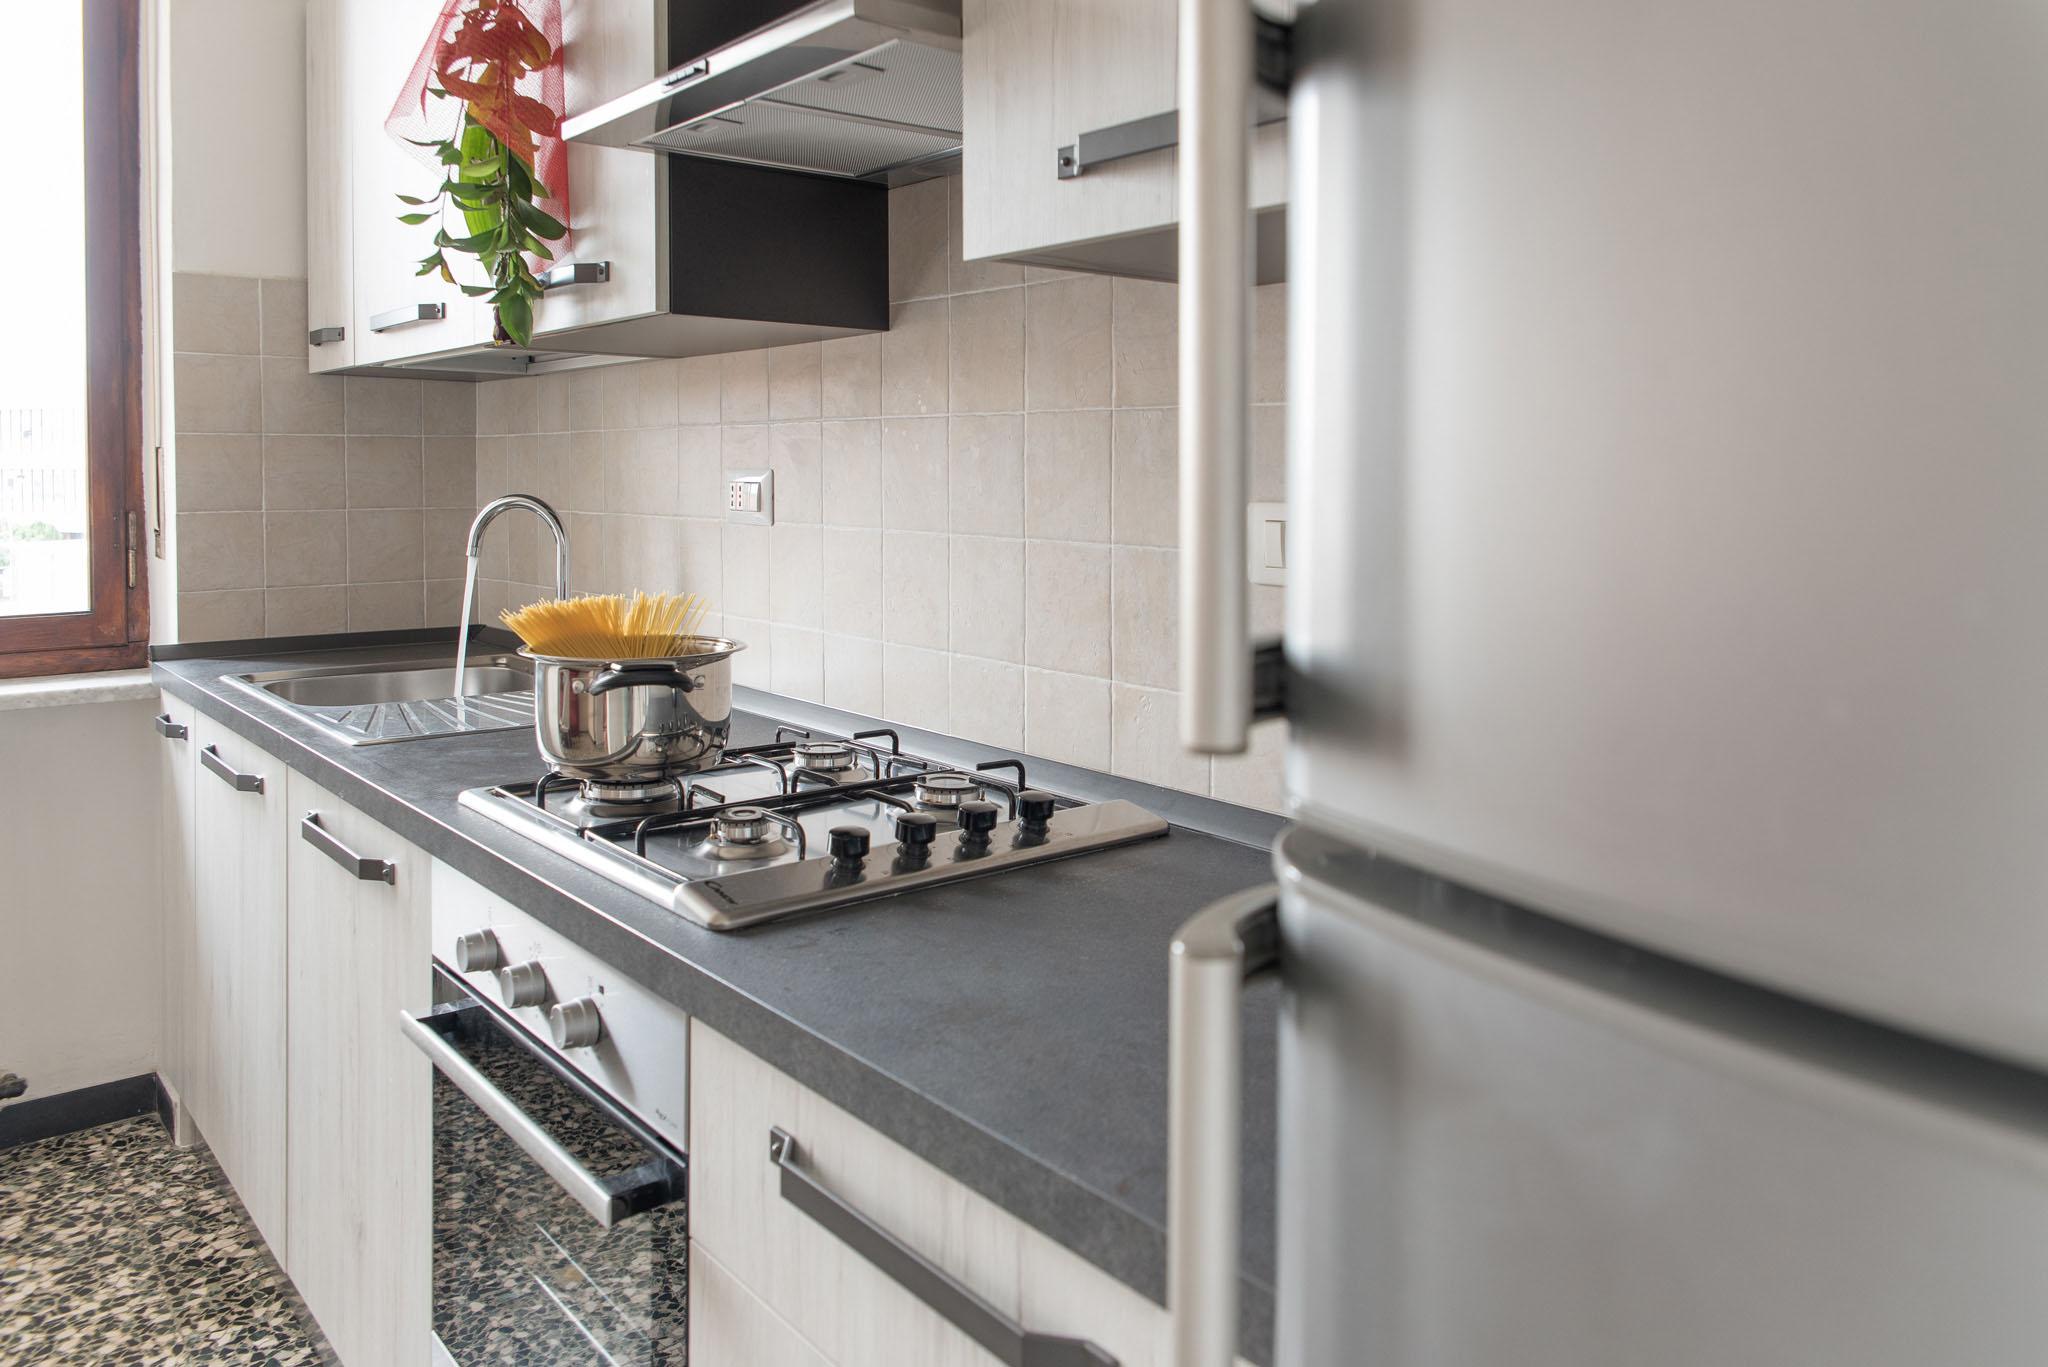 Architettura-Interni - DSC 6446 - Fotografo-interni-Cuneo - Fotografo-interni-Cuneo